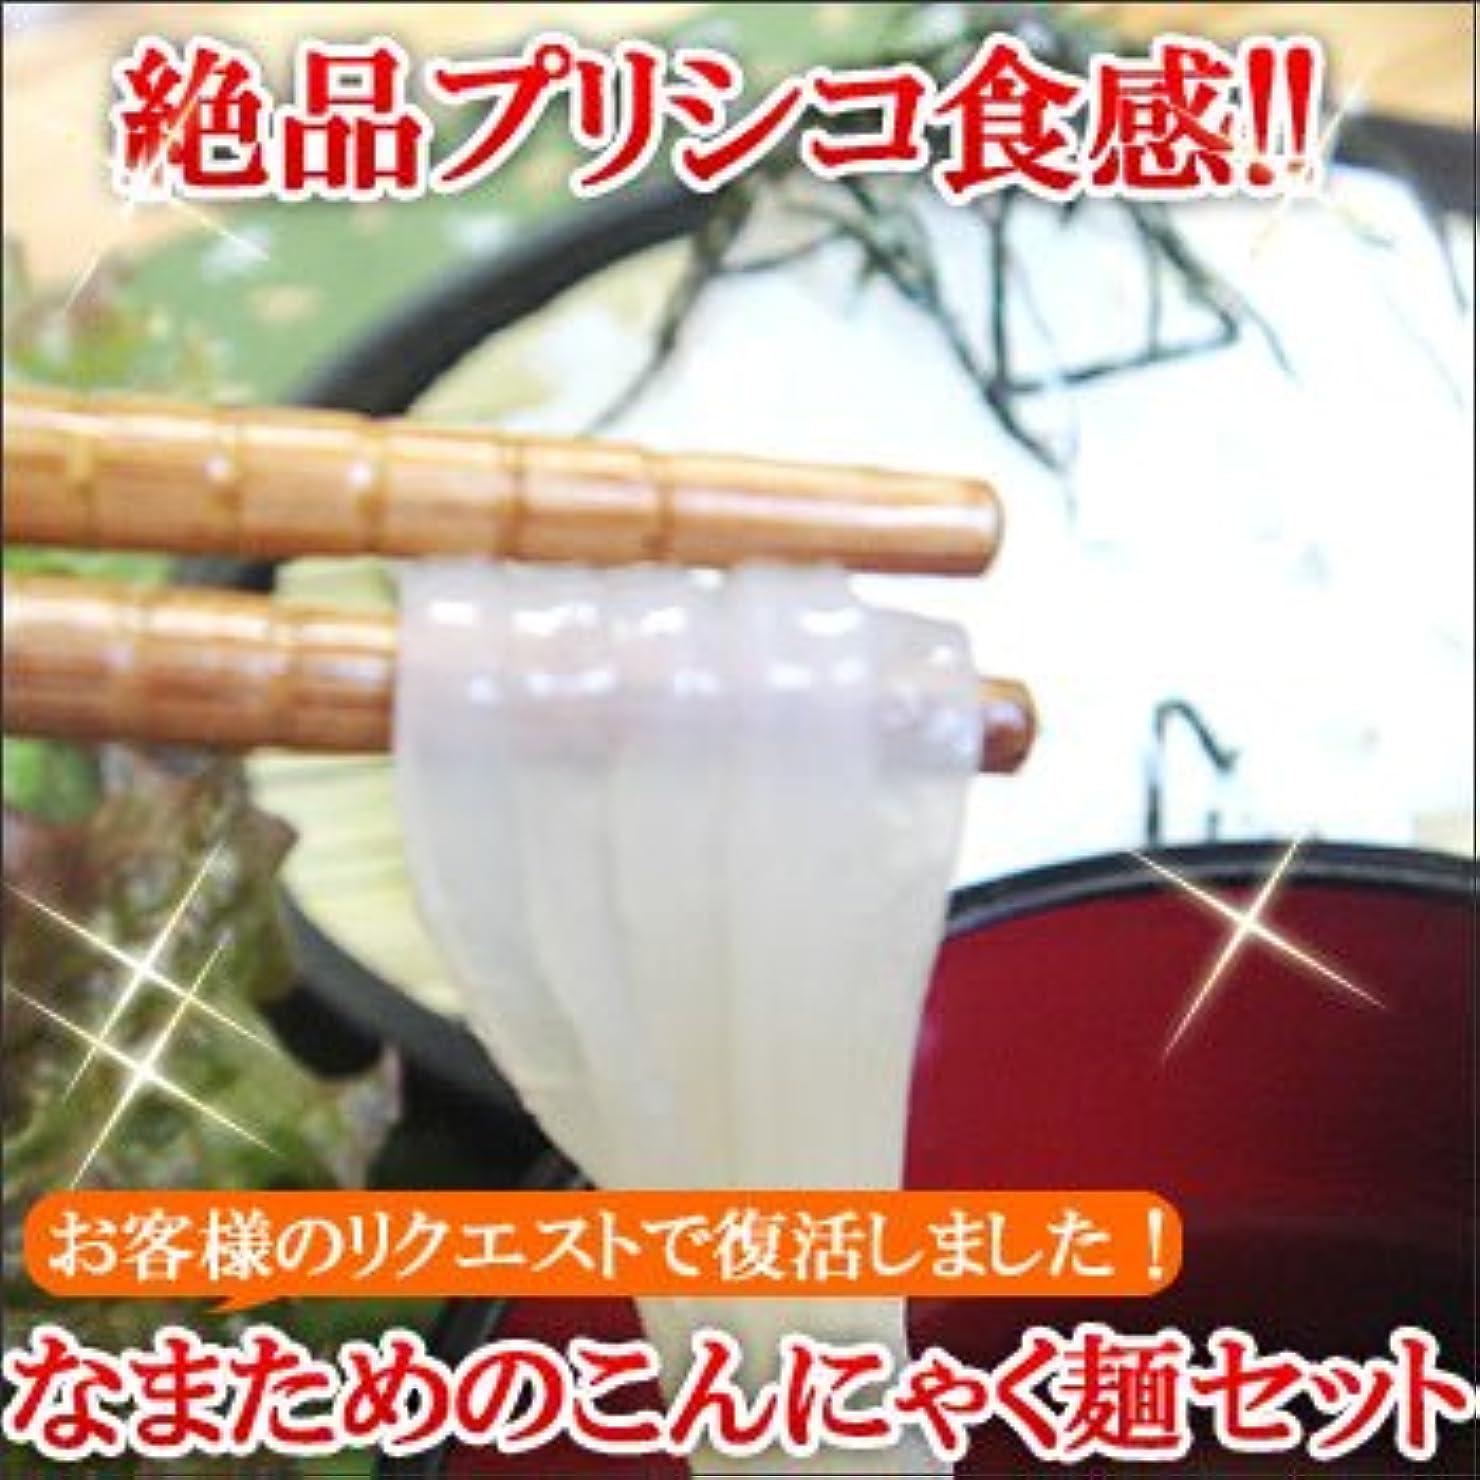 バルブキャプチャーファセットプリシコこんにゃく麺30袋セット